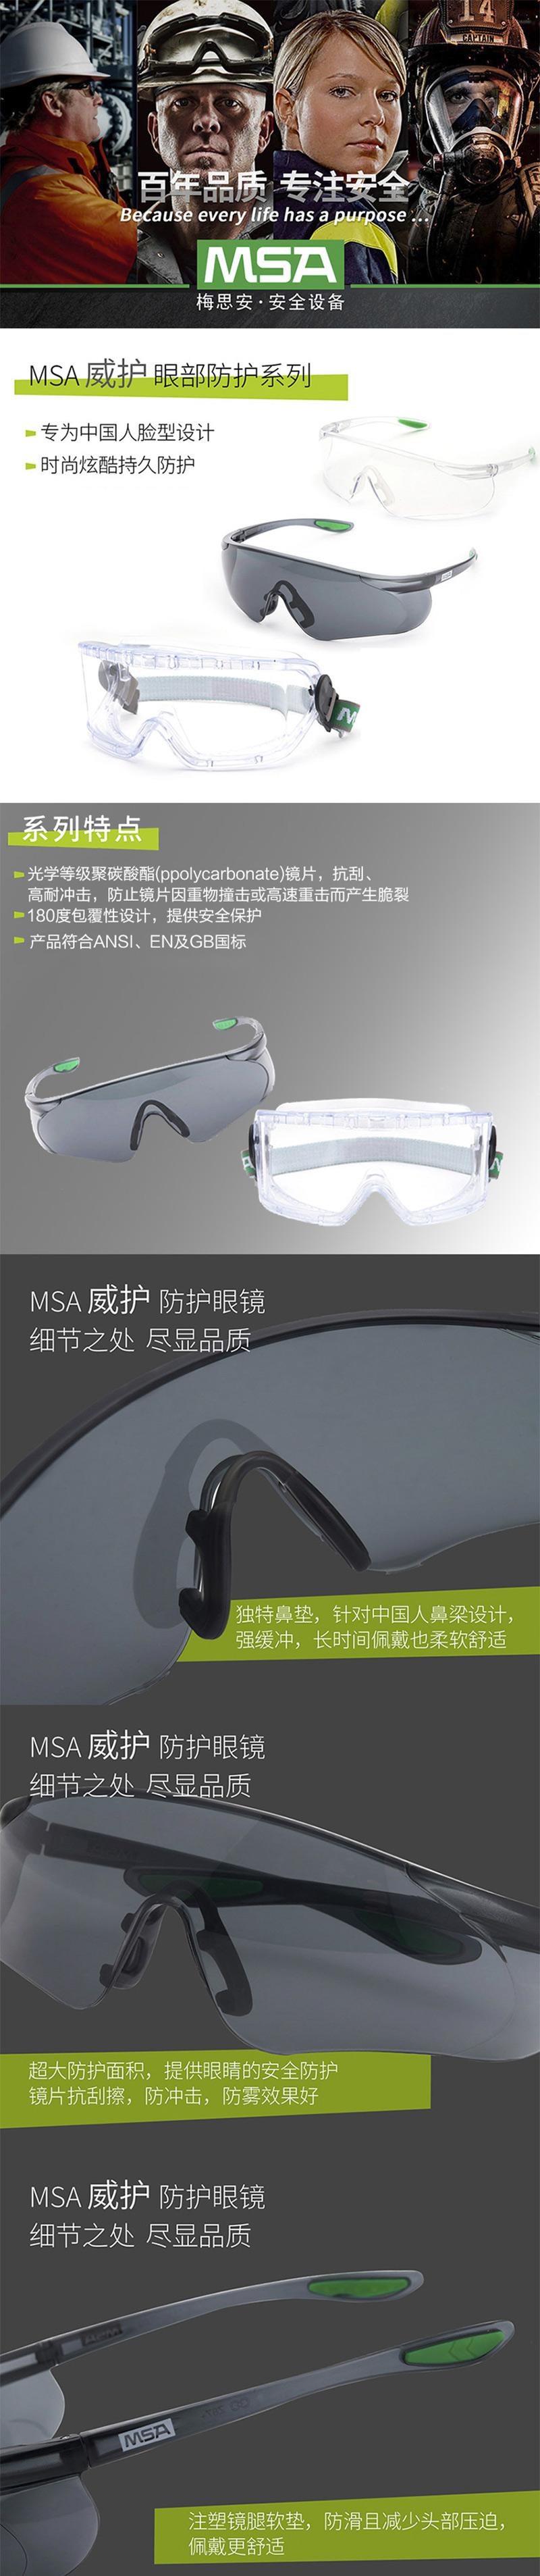 梅思安10203291 防护眼罩